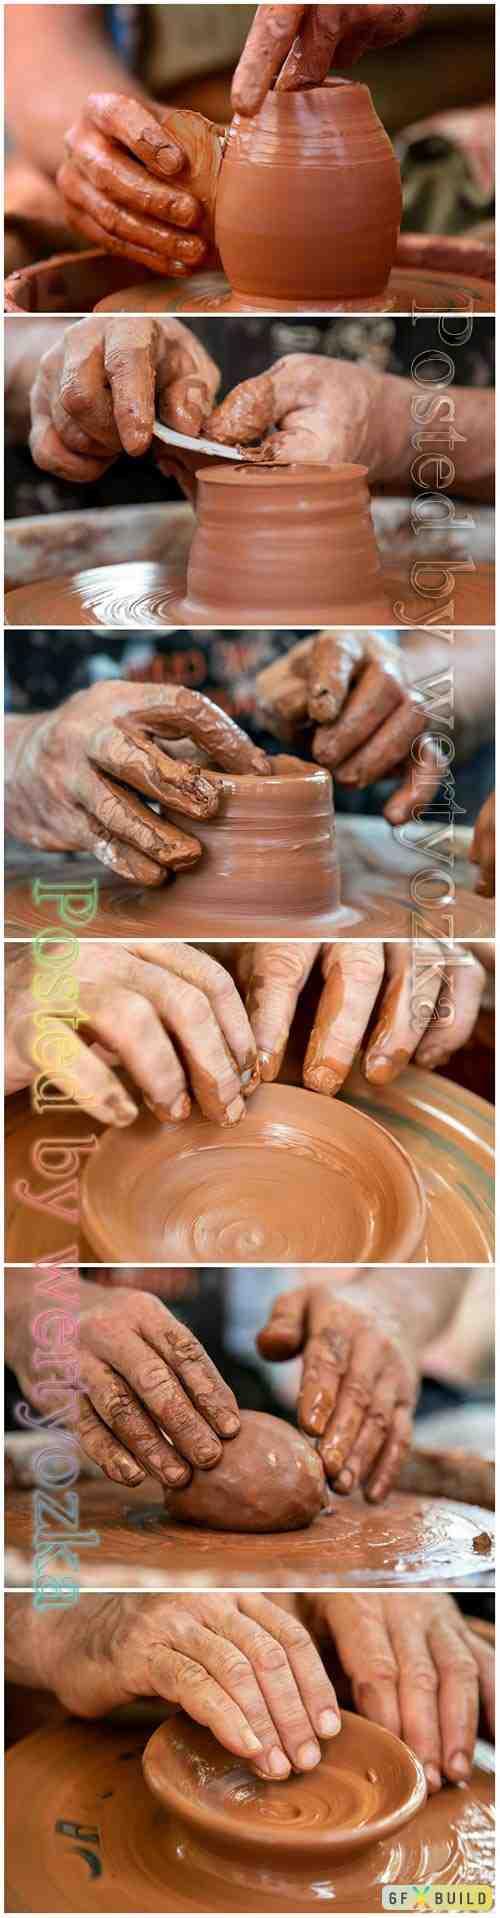 Beautiful pottery art stock photo